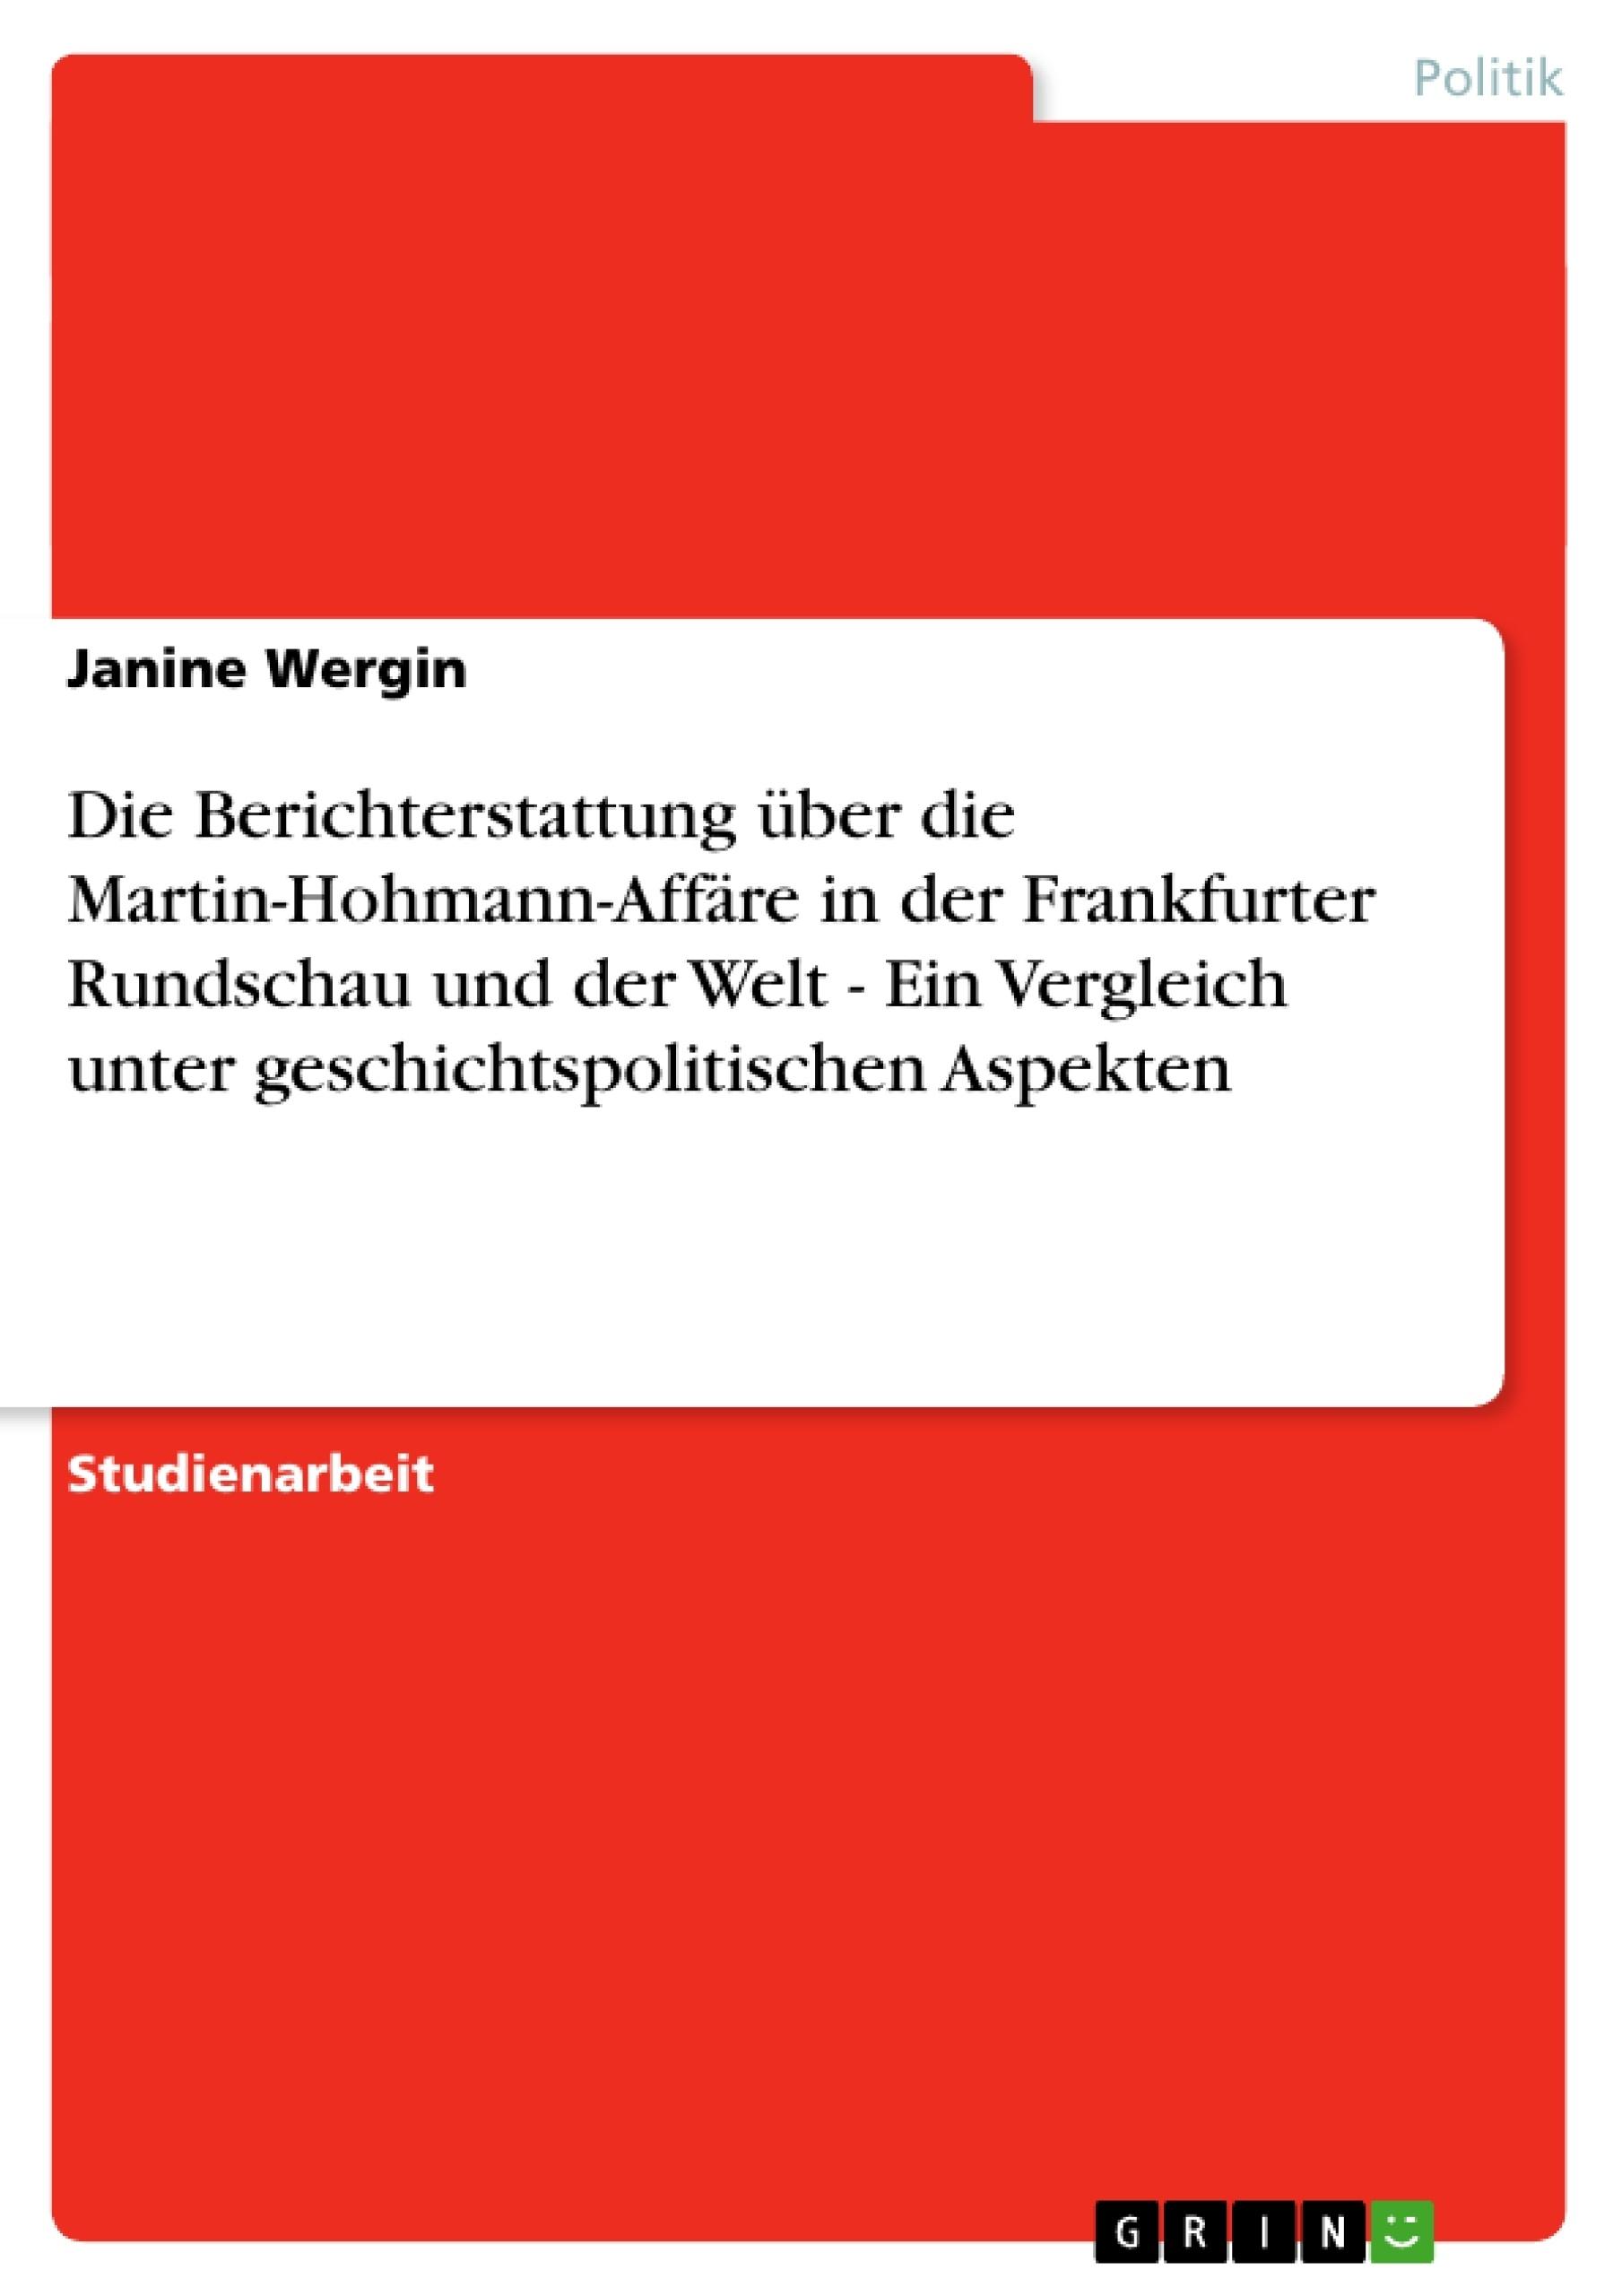 Titel: Die Berichterstattung über die Martin-Hohmann-Affäre in der Frankfurter Rundschau und der Welt - Ein Vergleich unter geschichtspolitischen Aspekten